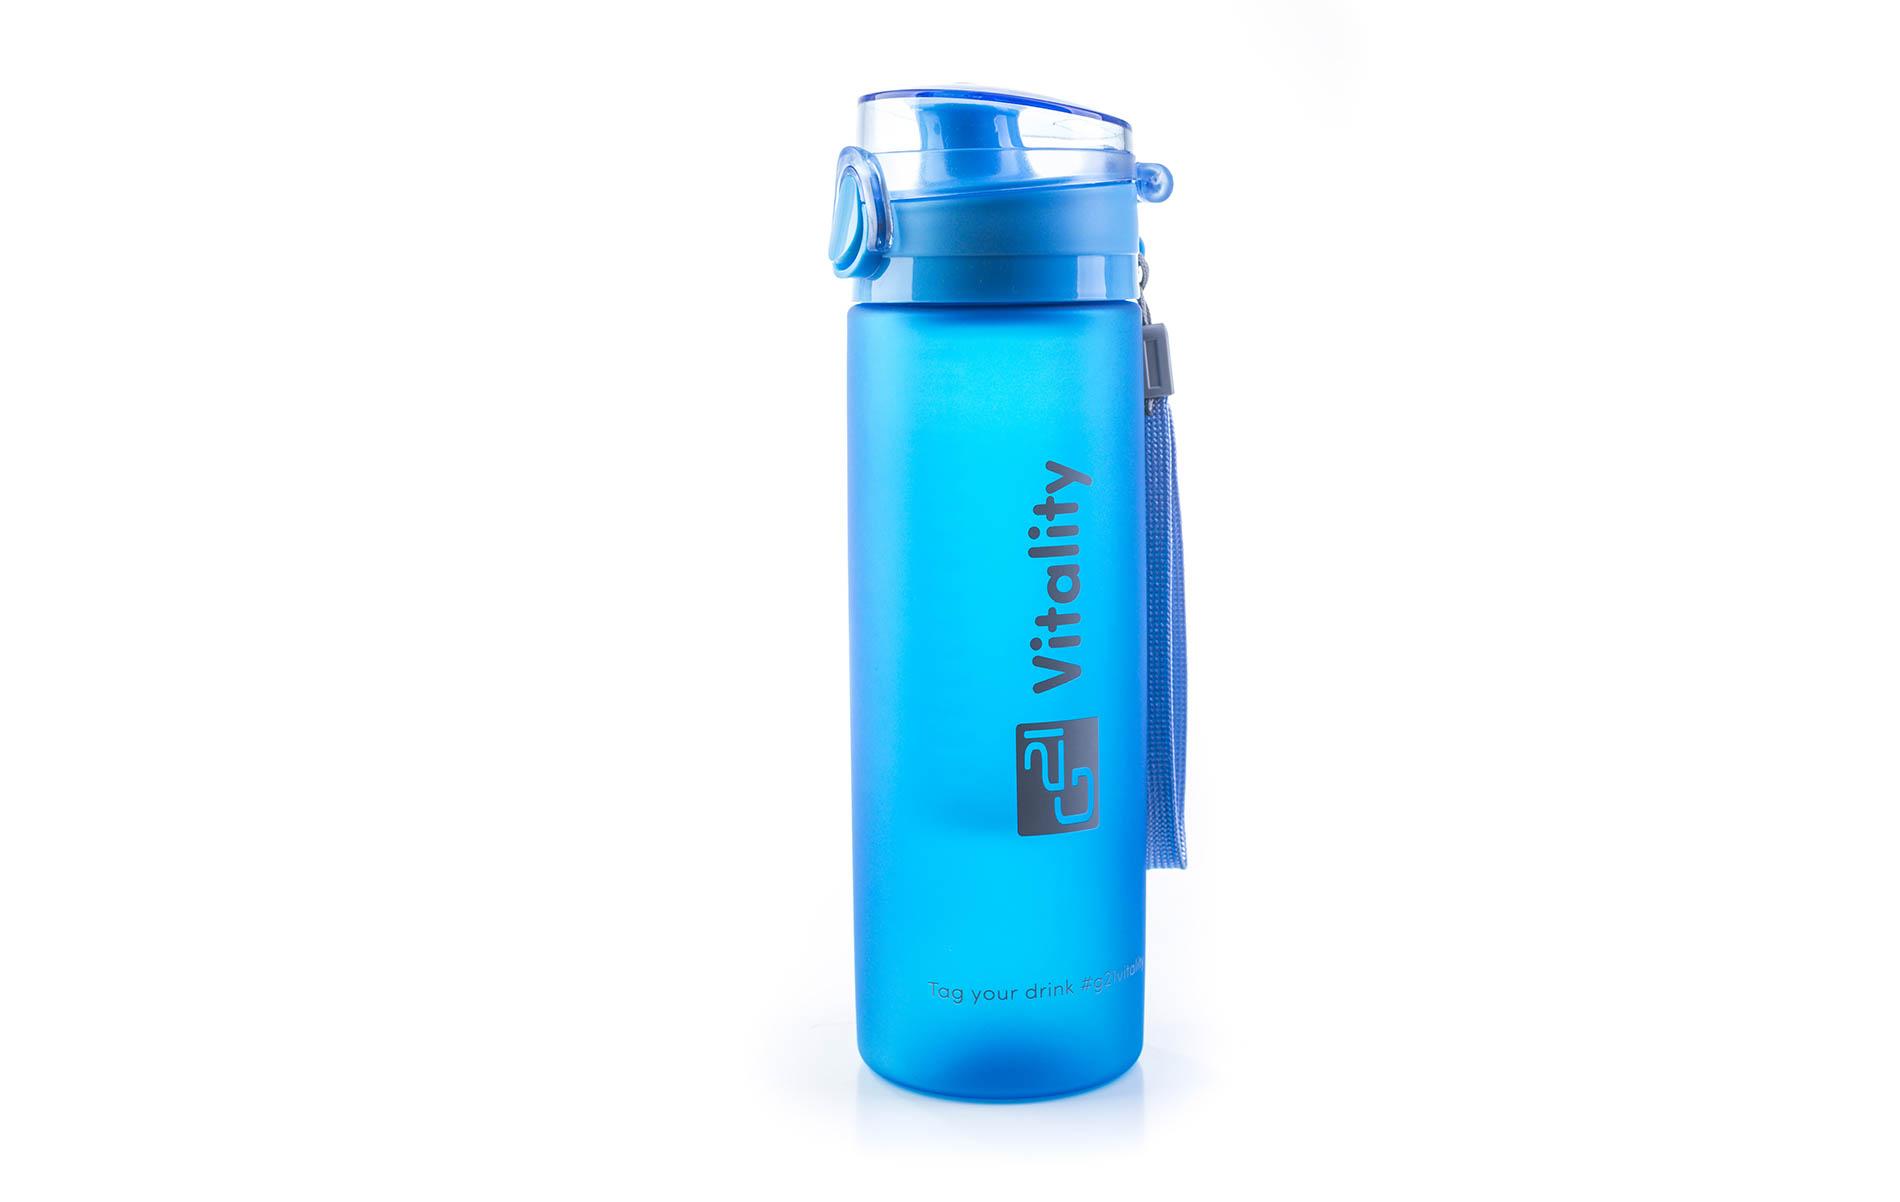 Modrá láhev G21 na smoothie/juice v mrazivém designu